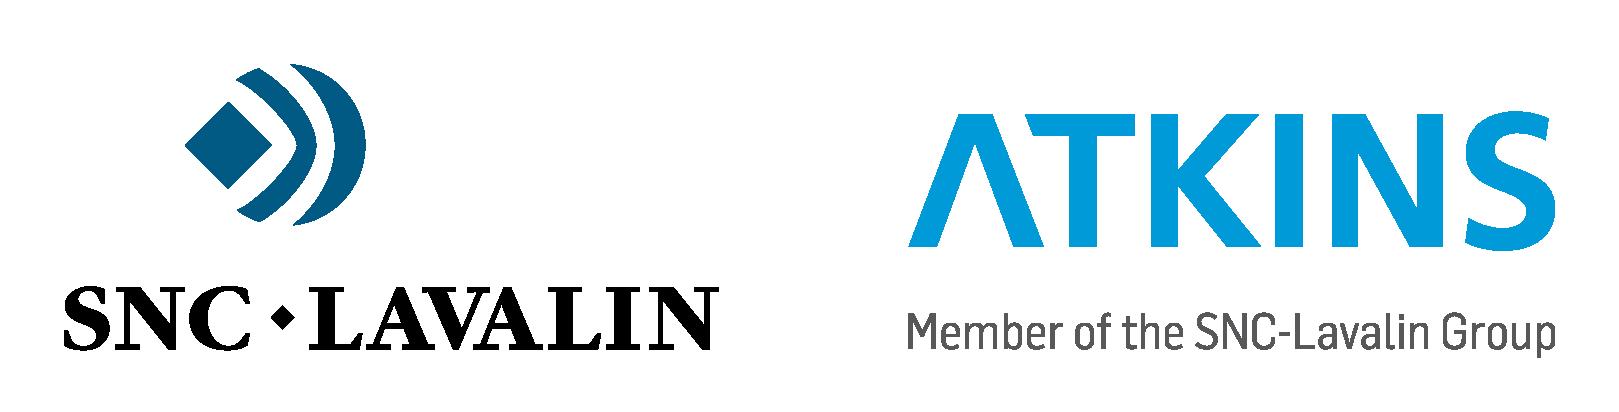 atkin logo image